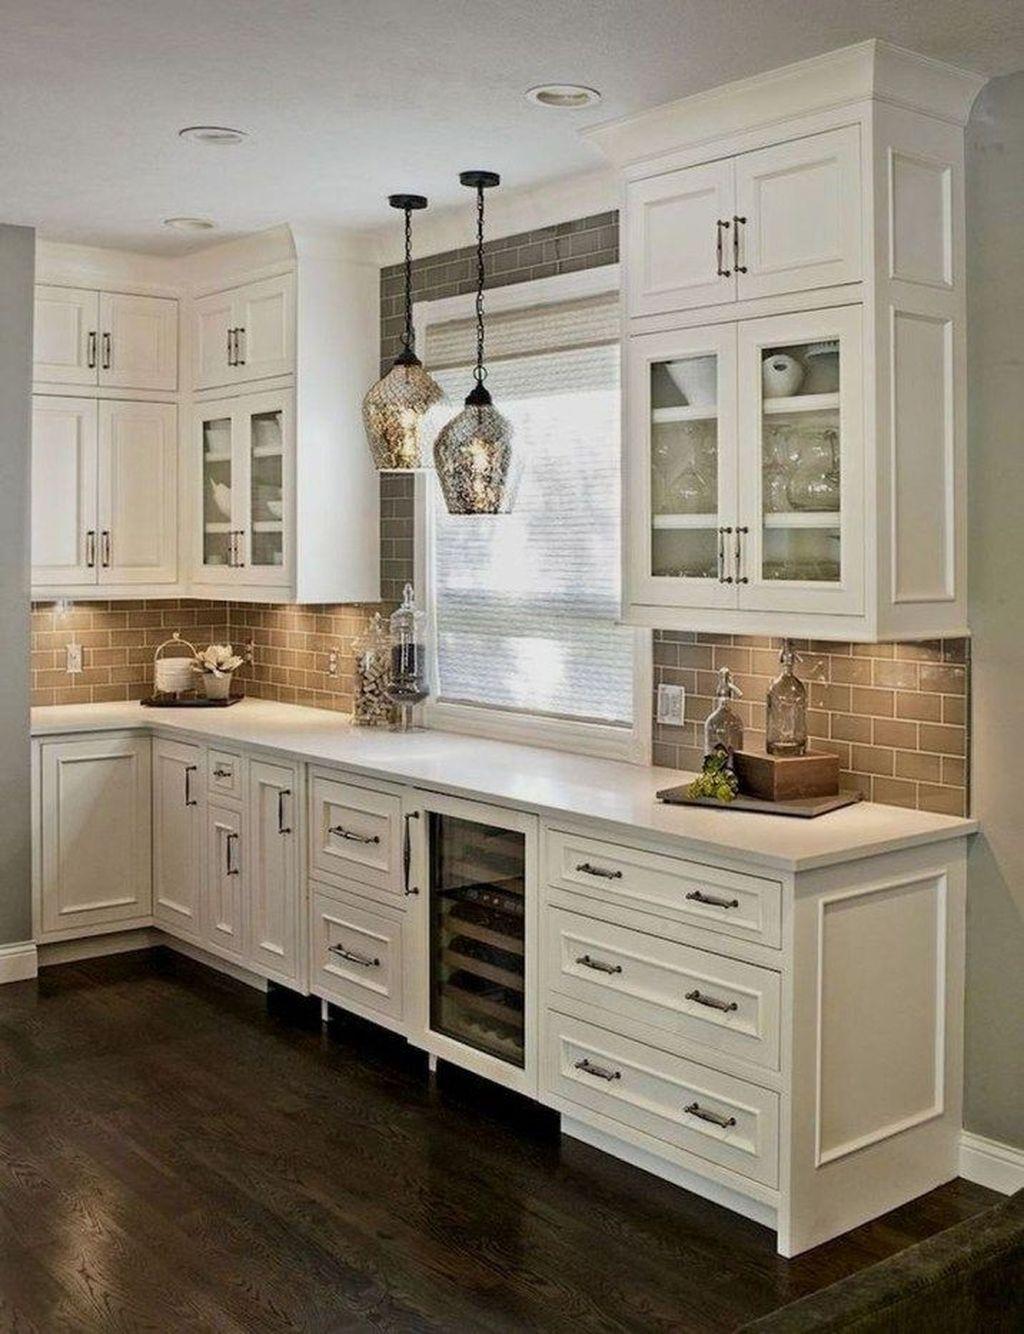 Stunning Kitchen Cabinets Ideas 33